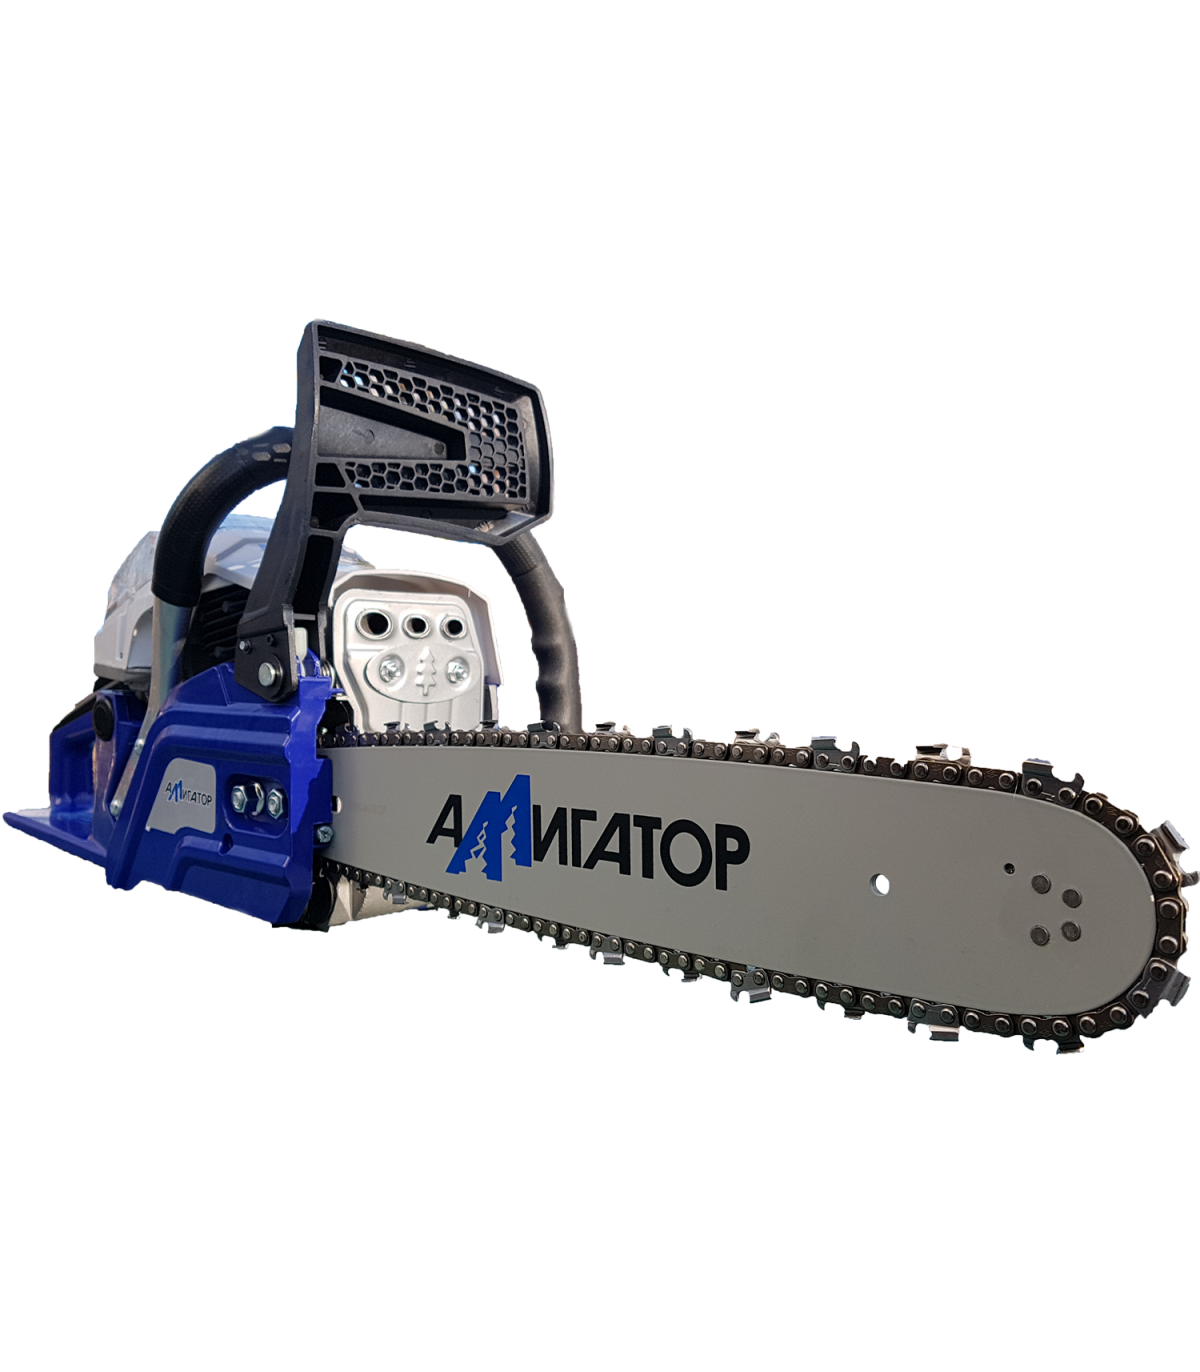 crisstel.ro Drujbă profesională rusească benzină Alligator 5800